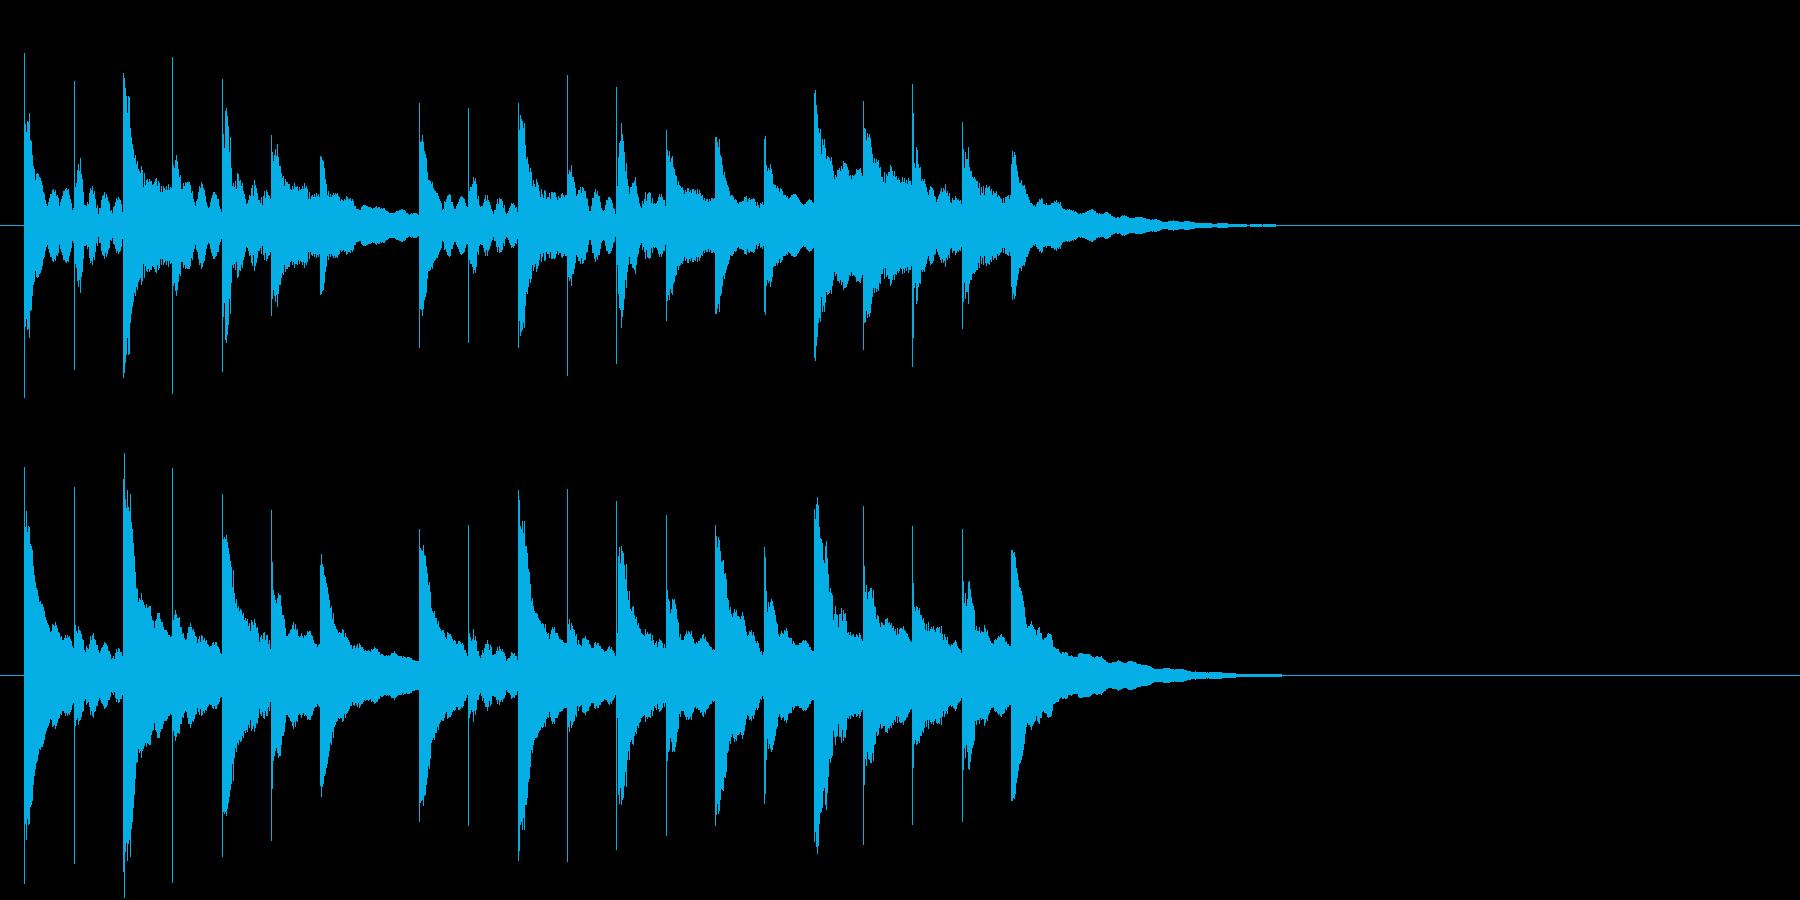 オルゴールのジングルの再生済みの波形